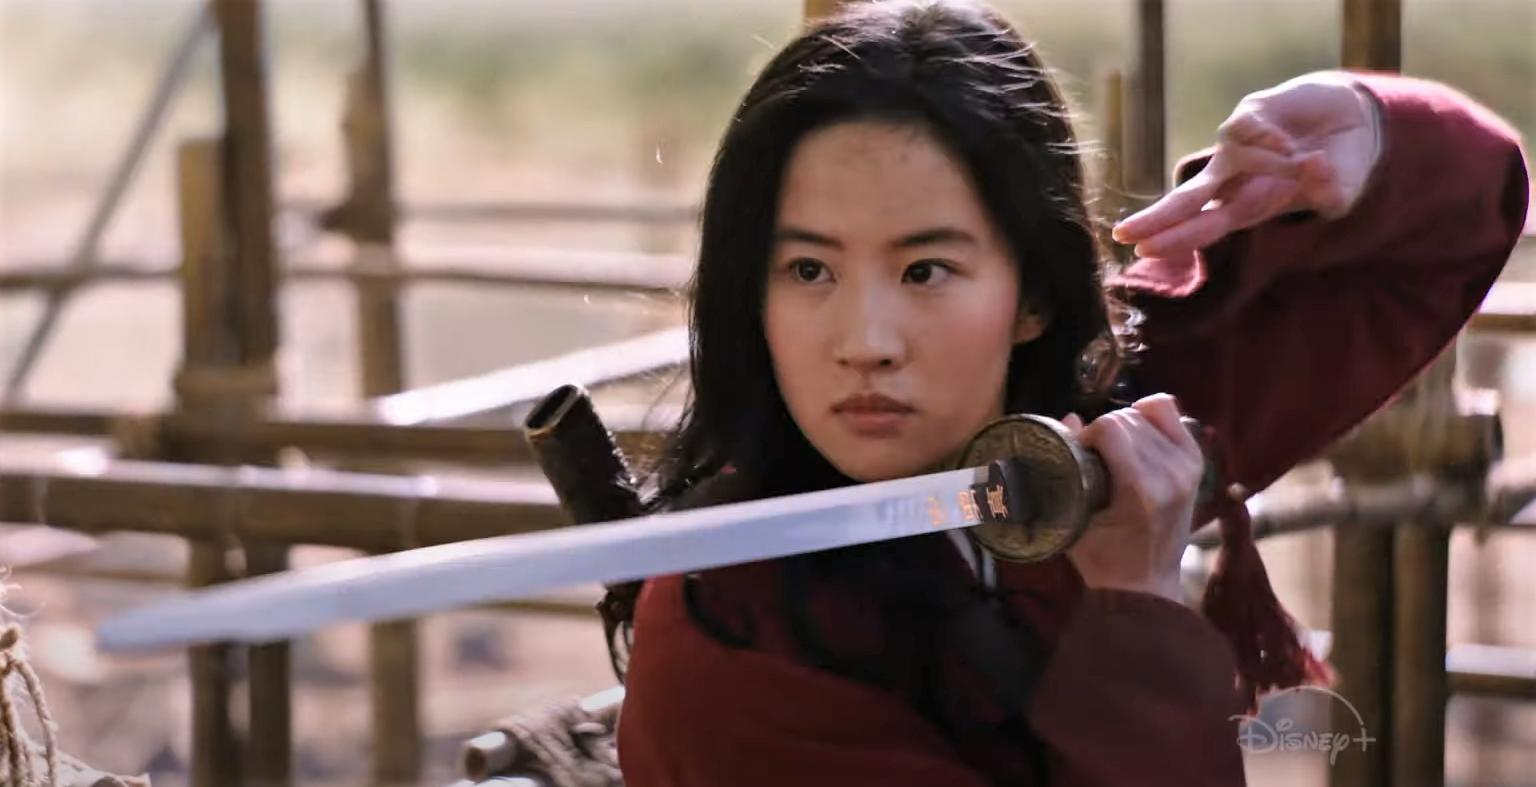 《花木蘭》全新「串流版」預告公開!北美僅限 Disney+ 播映、台灣照舊登陸院線